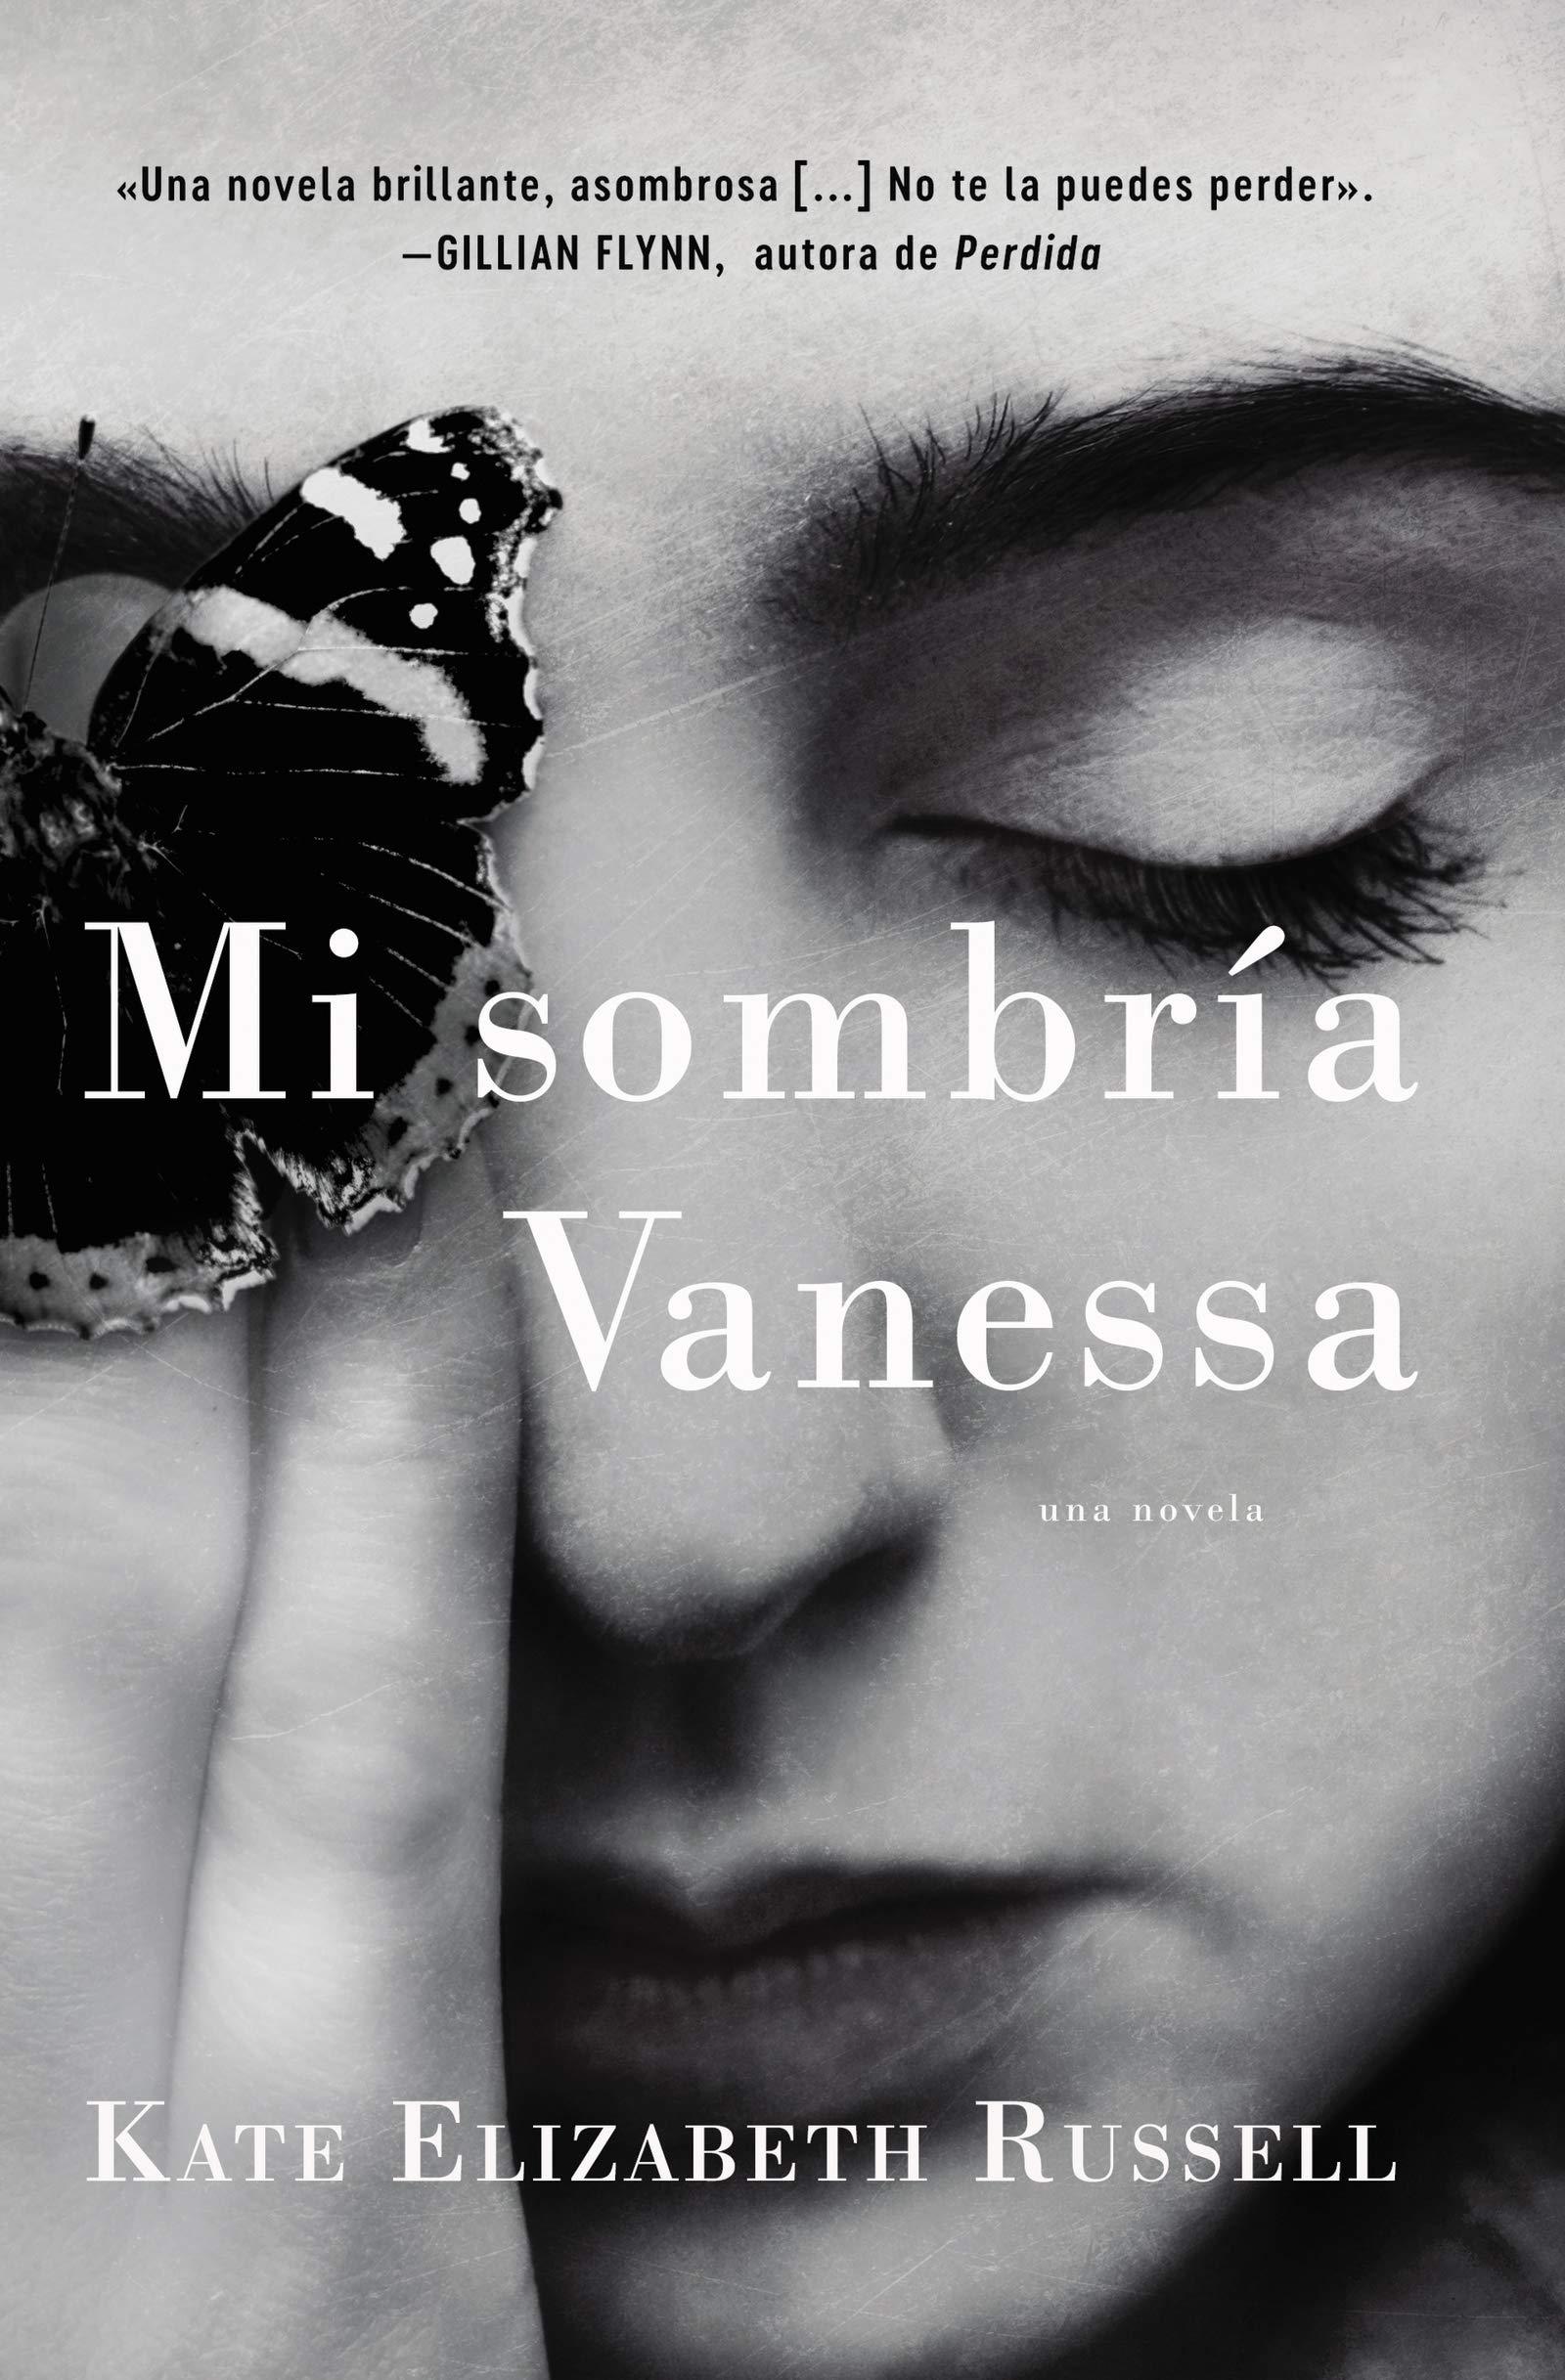 My Dark Vanessa \ Mi sombría Vanessa